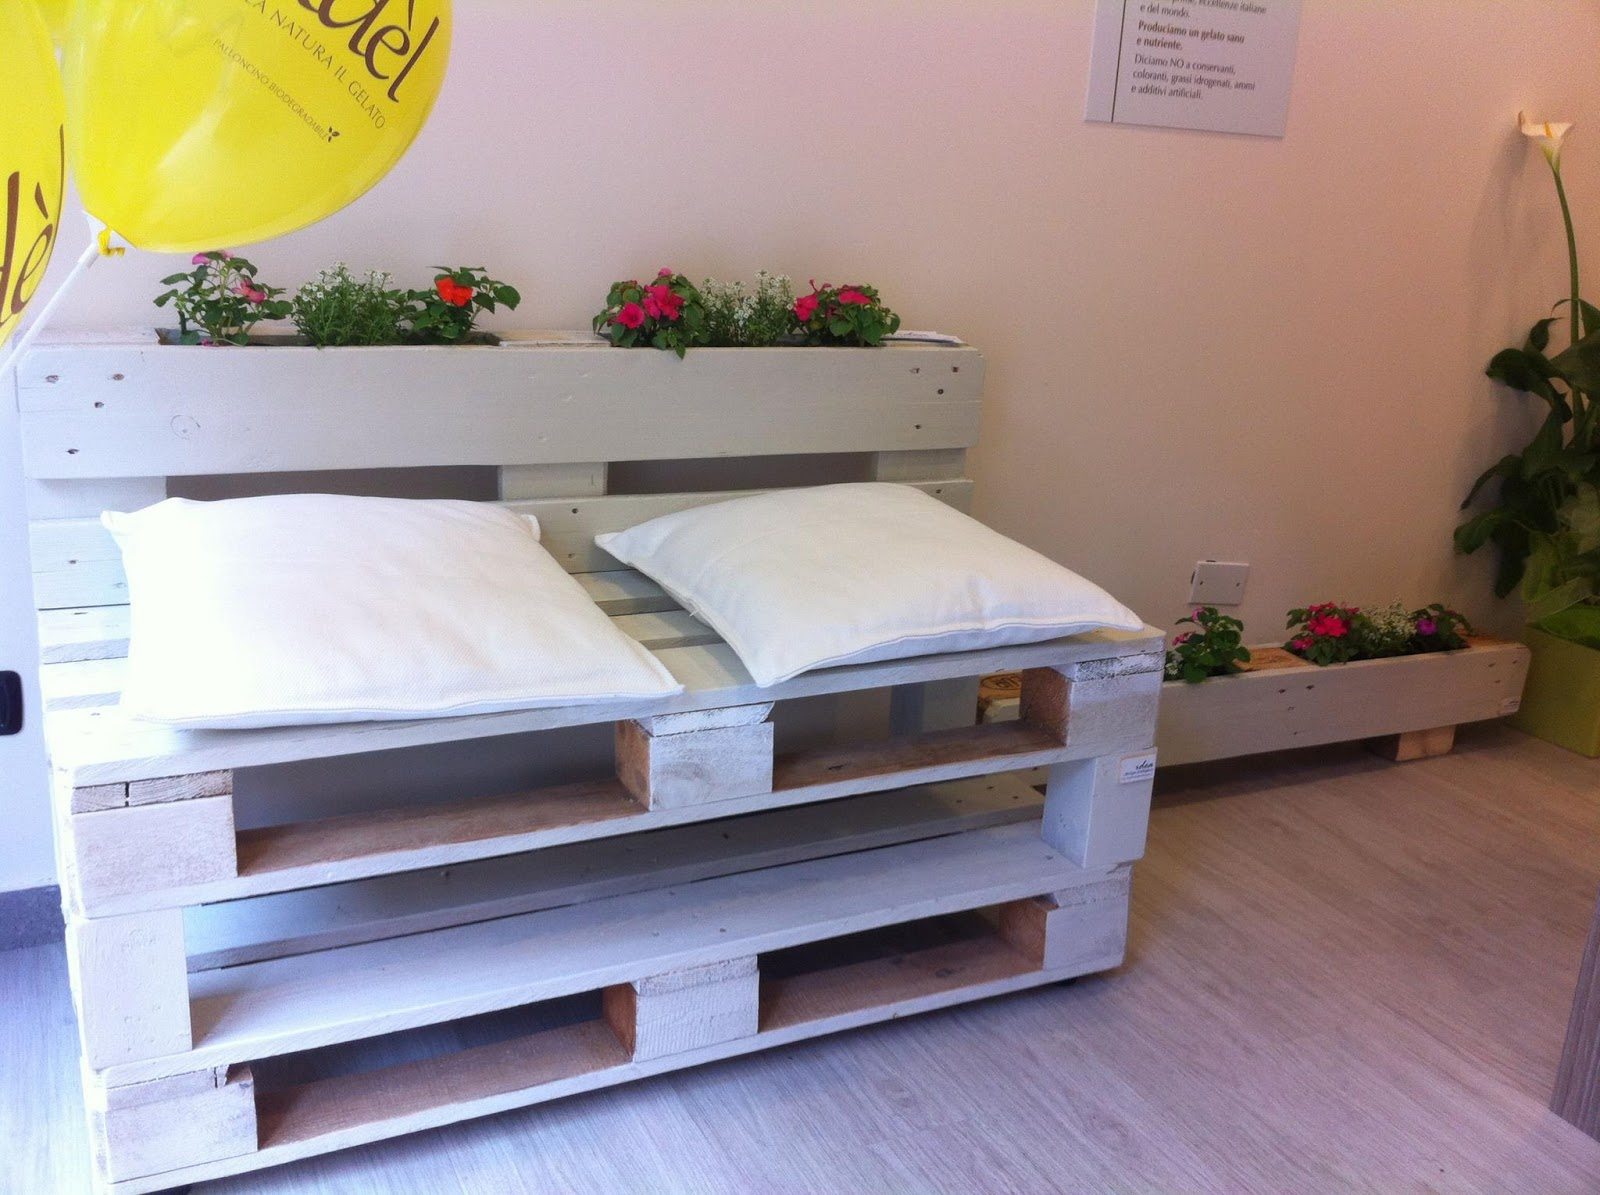 Idea design ecologico panca ad l for Panca pallets